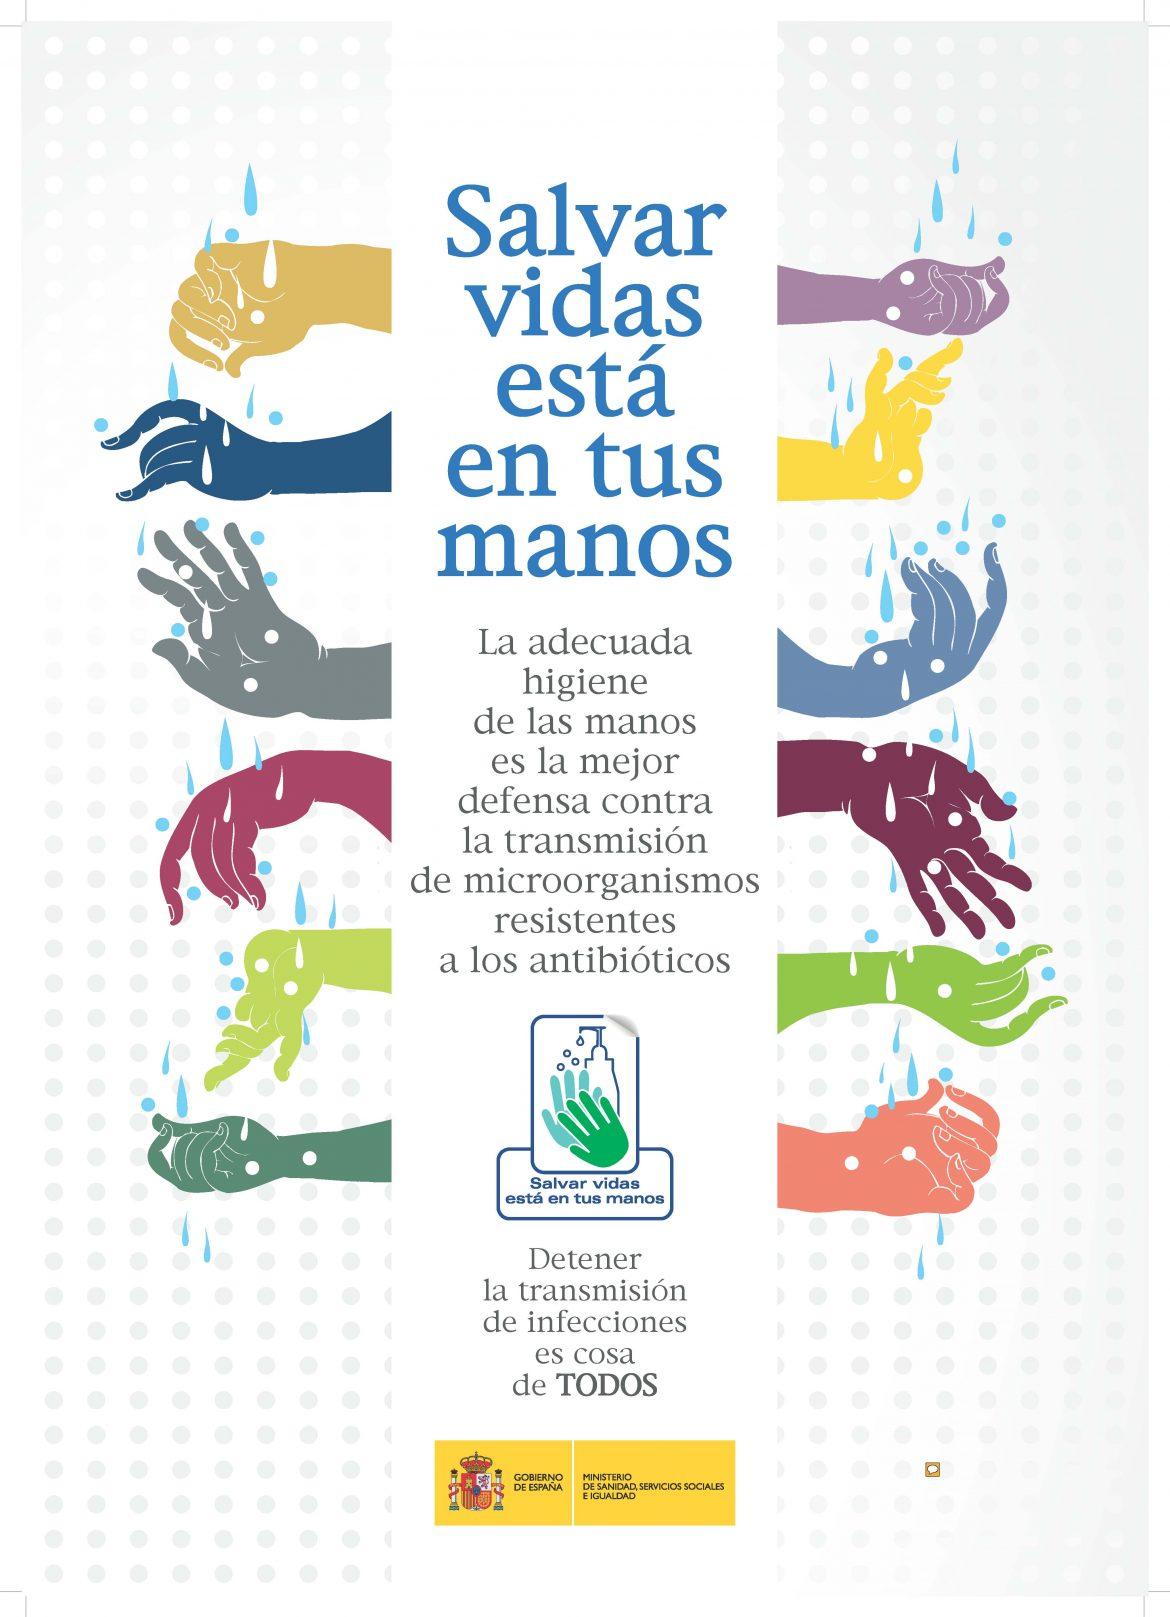 El Día Mundial de Higiene de Manos se centra en la sepsis